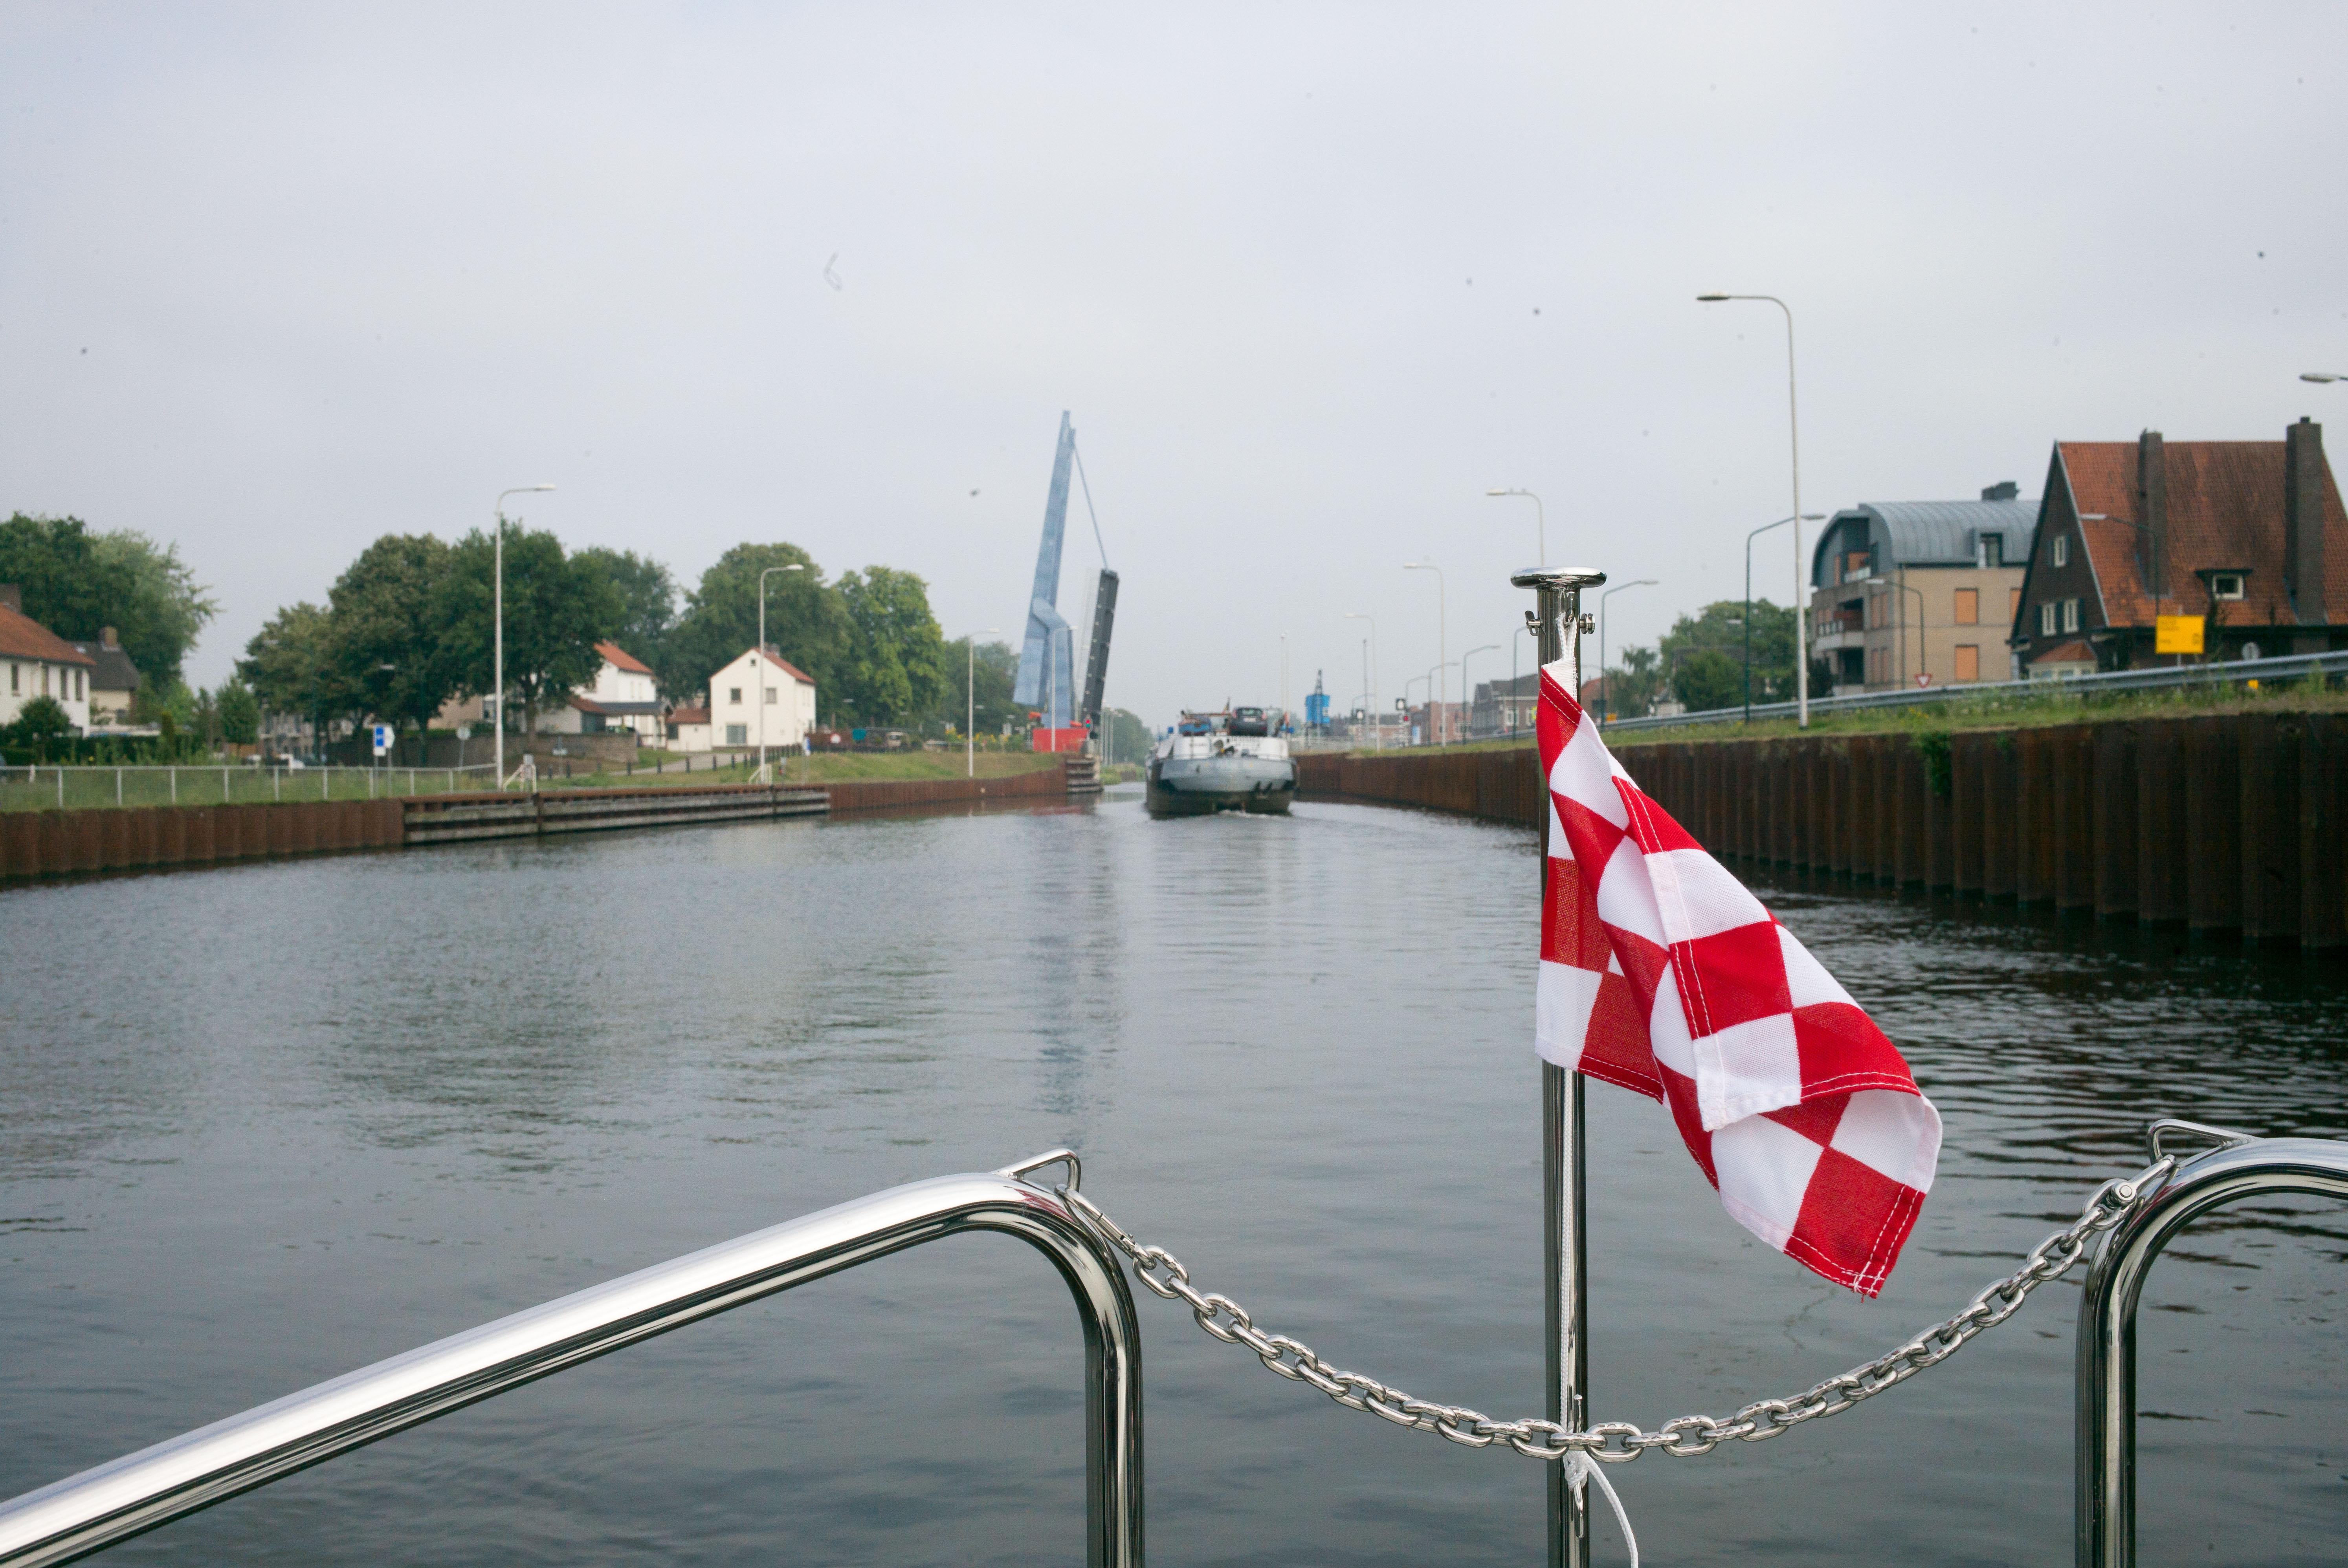 Hebebrücke am Zuritt-Willemsvaart